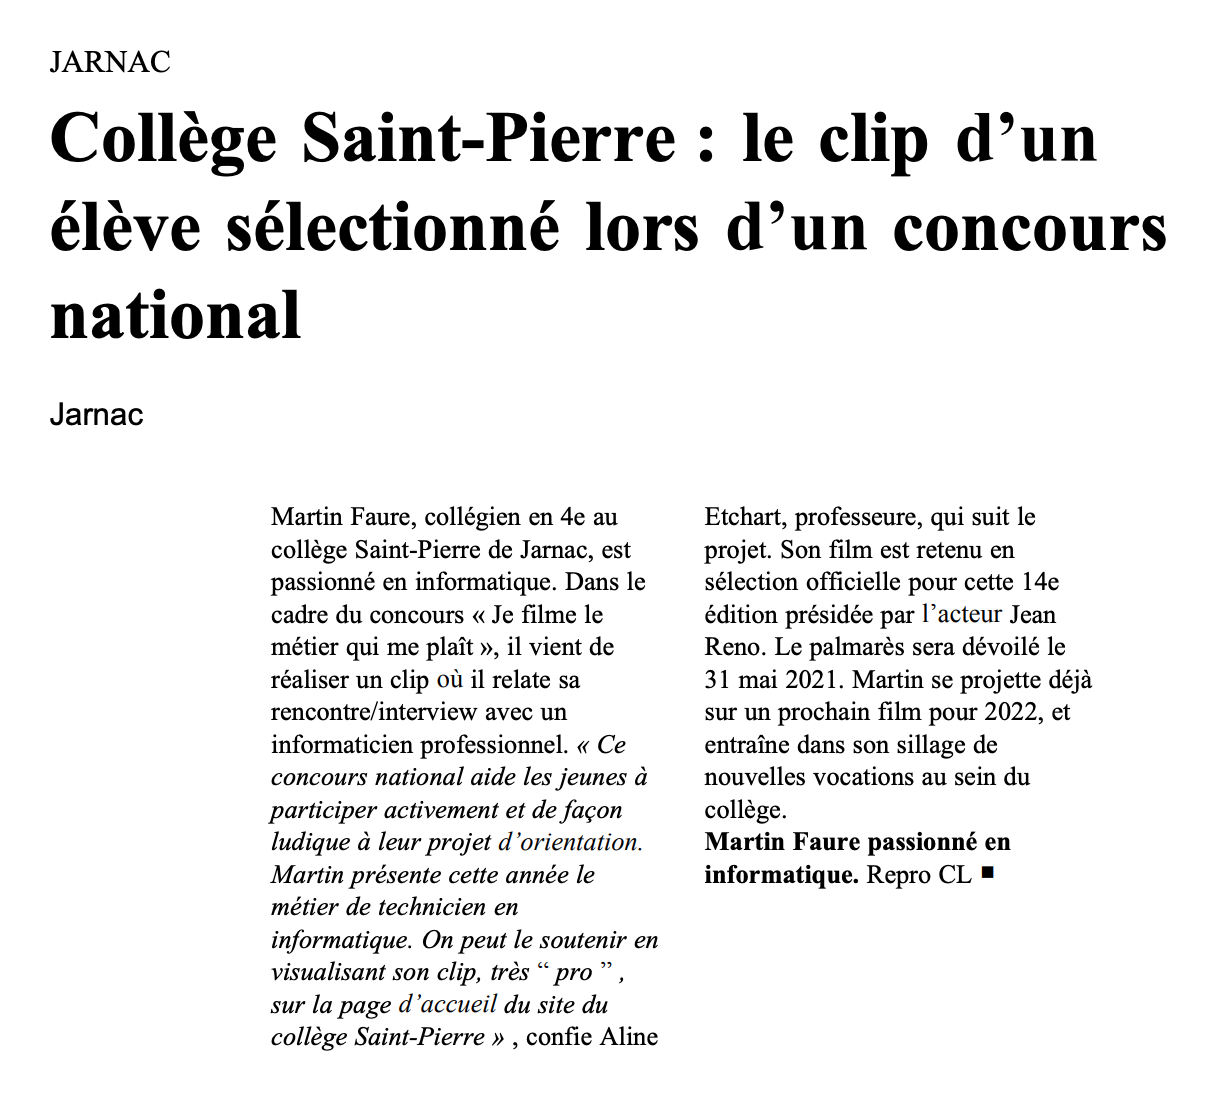 La Charente Libre - 06/05/2021